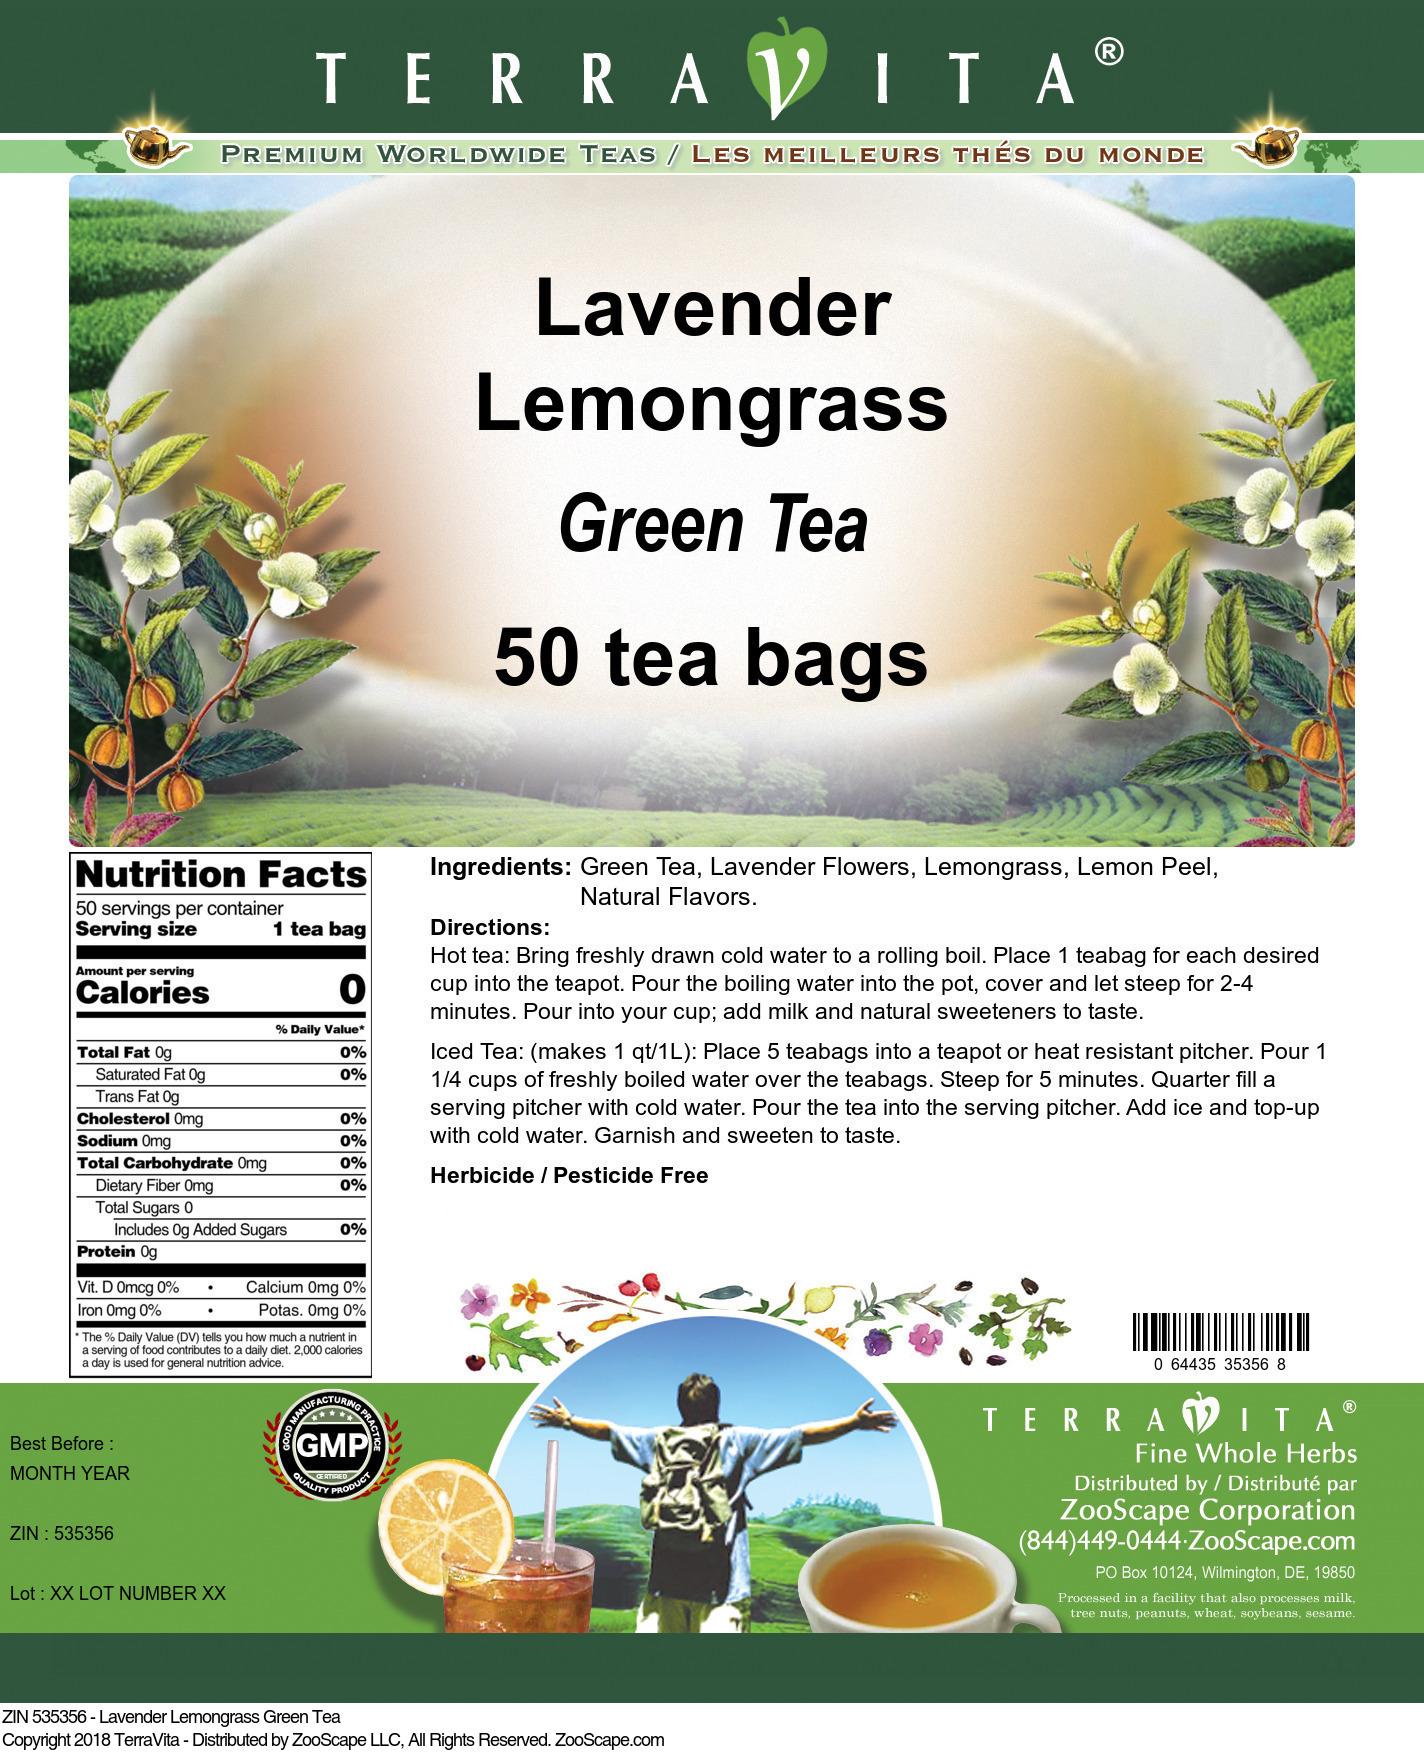 Lavender Lemongrass Green Tea